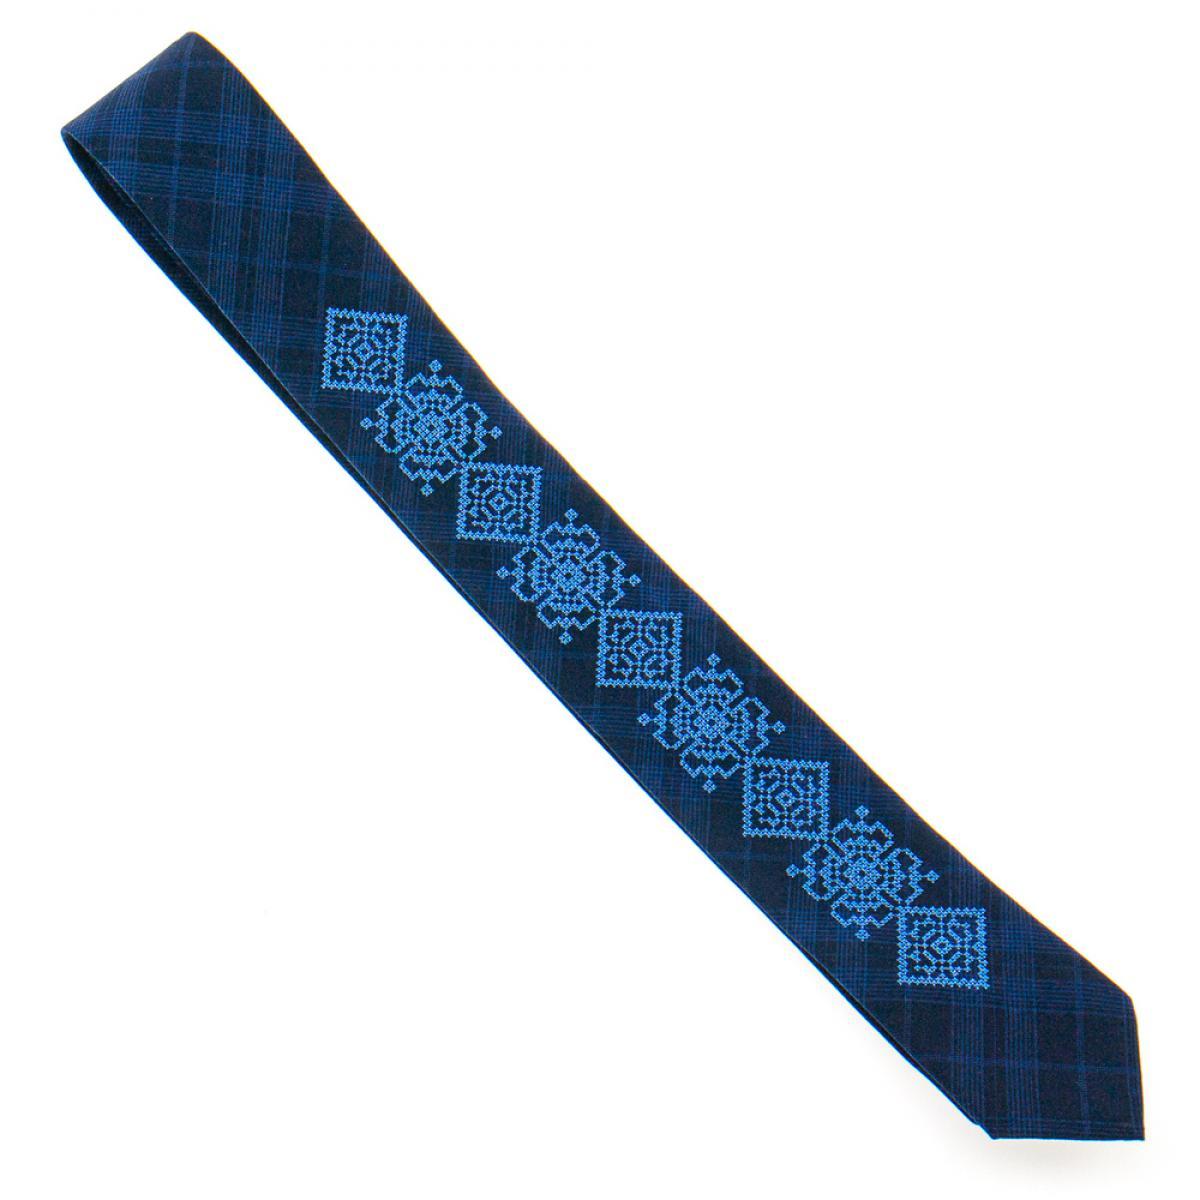 Тонка вишита краватка синя. Фото №4. | Народний дім Україна